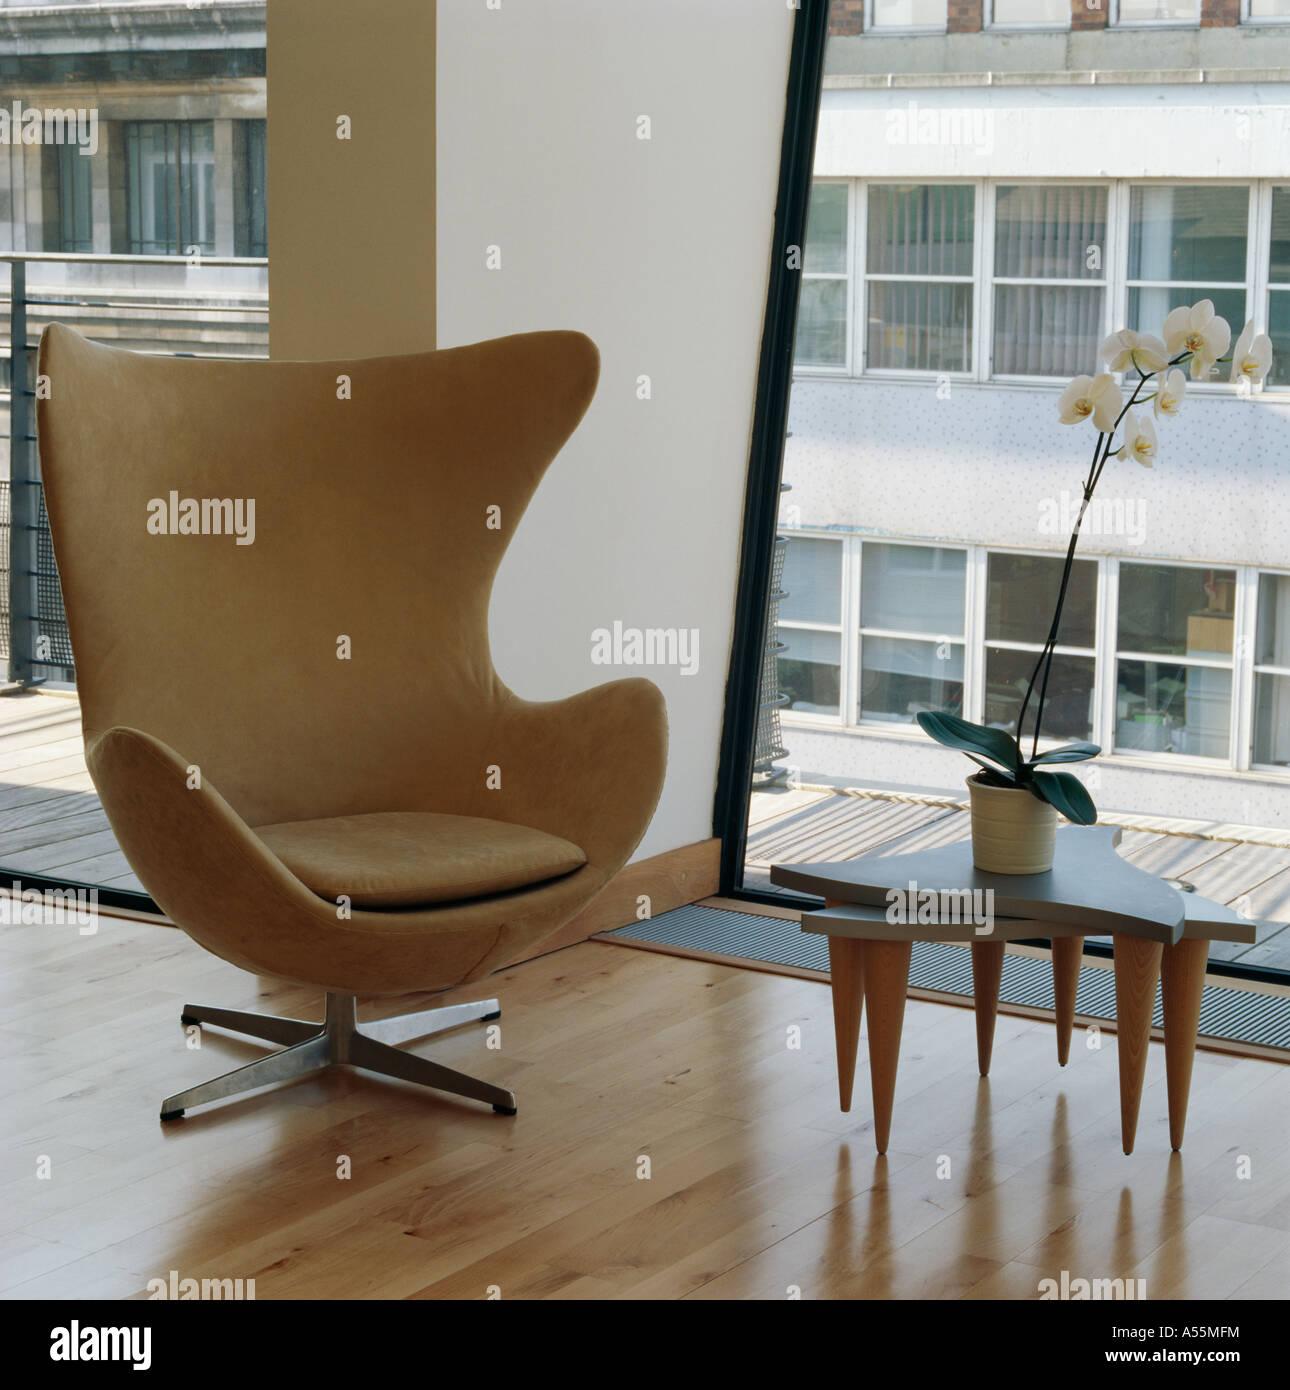 Classical Arne Jacobsen Egg chair in modern loft